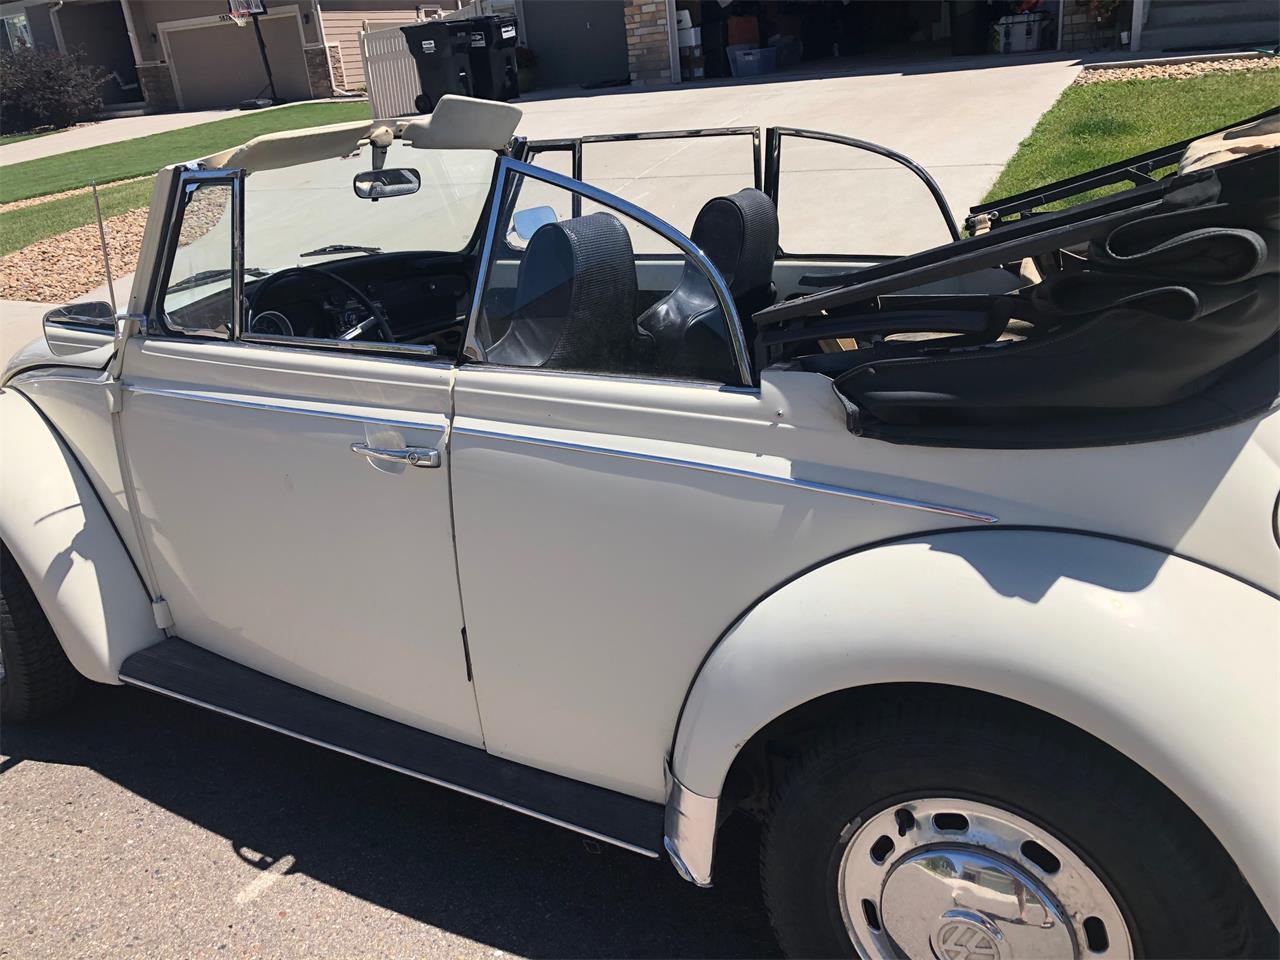 for sale 1970 volkswagen beetle in firestone, colorado cars - firestone, co at geebo